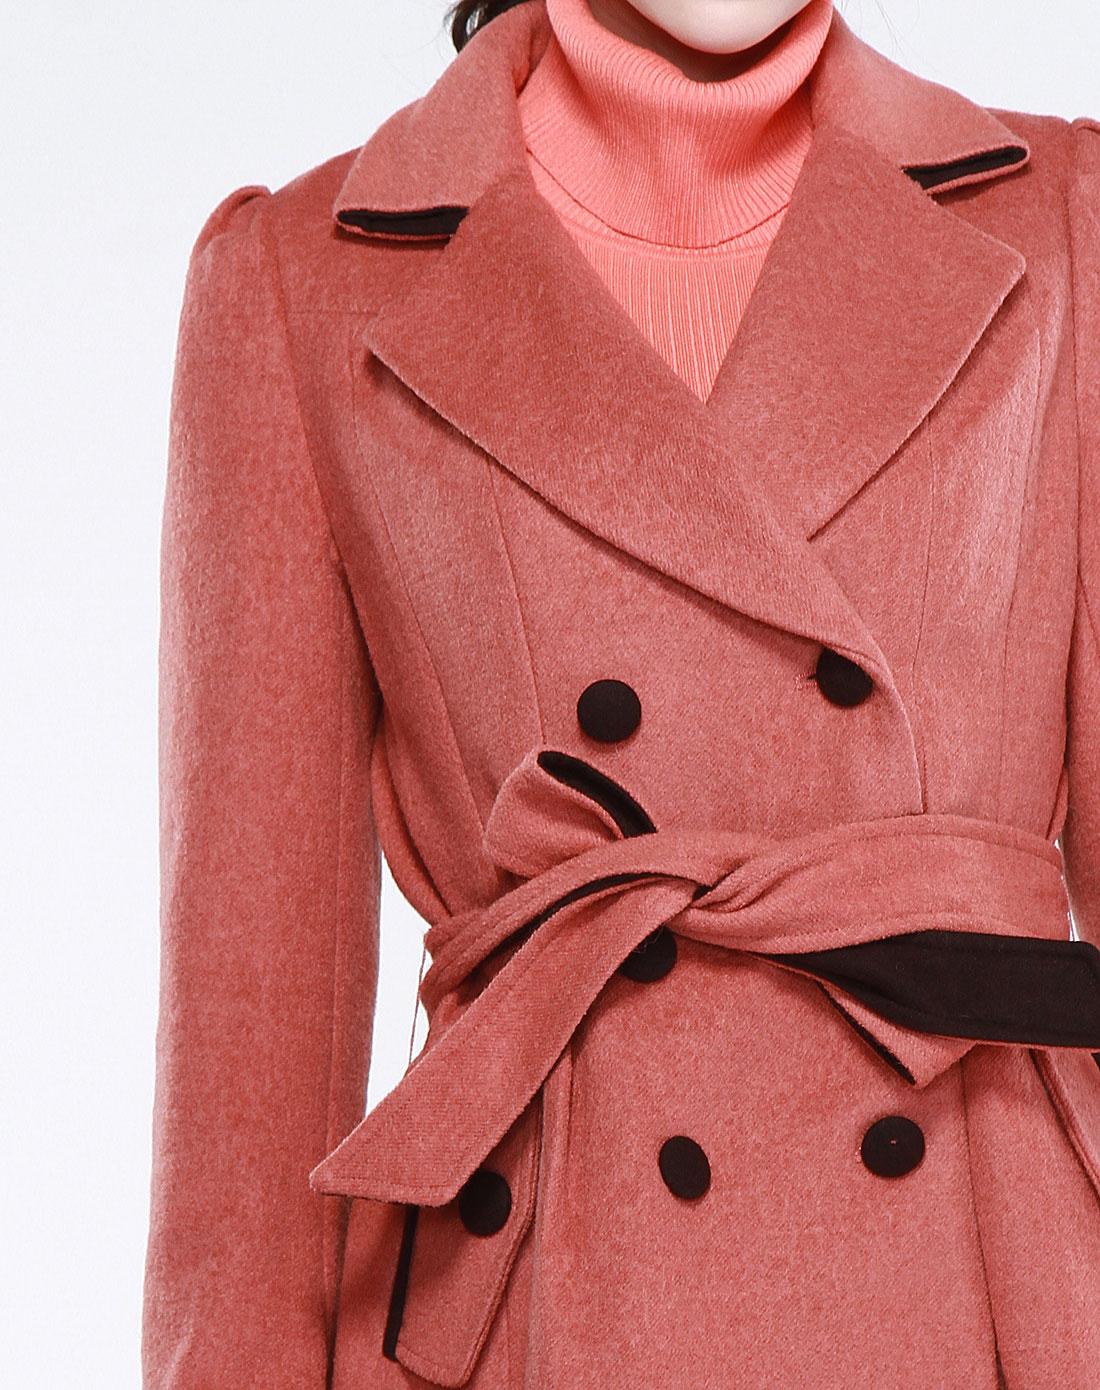 ny棕红色休闲双排扣长袖大衣124171336